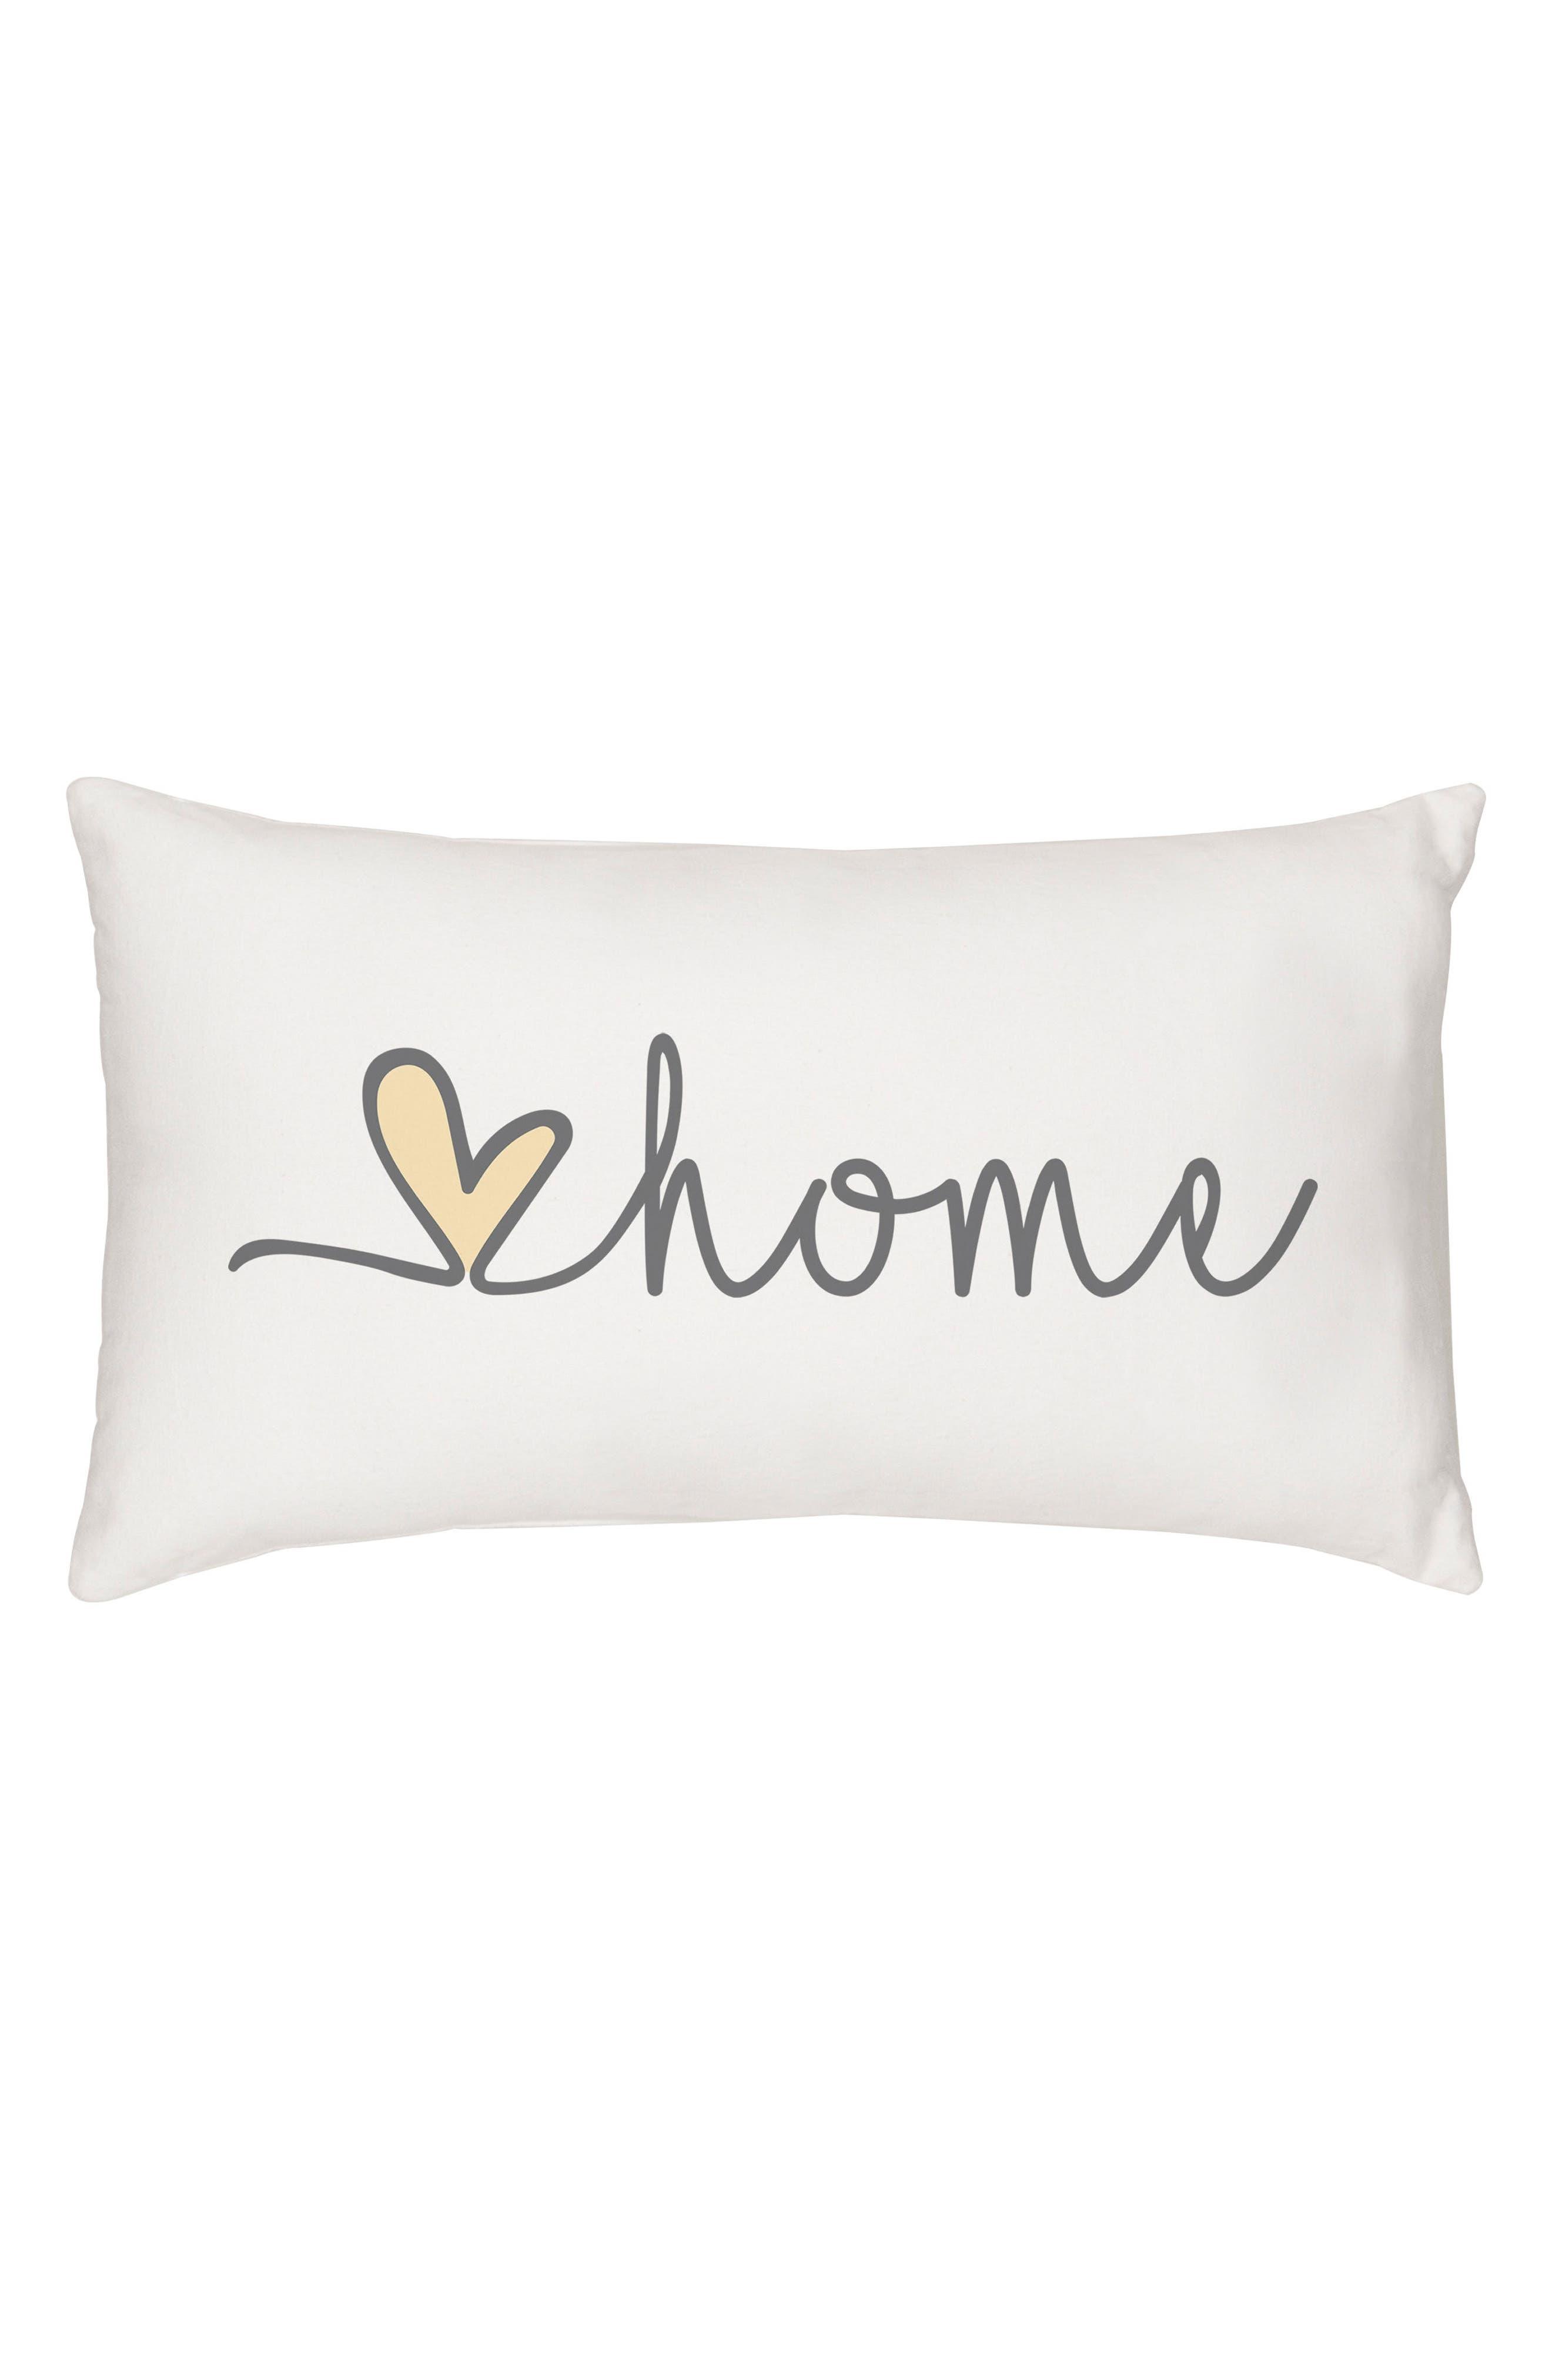 Love Home Lumbar Accent Pillow,                         Main,                         color, GREY